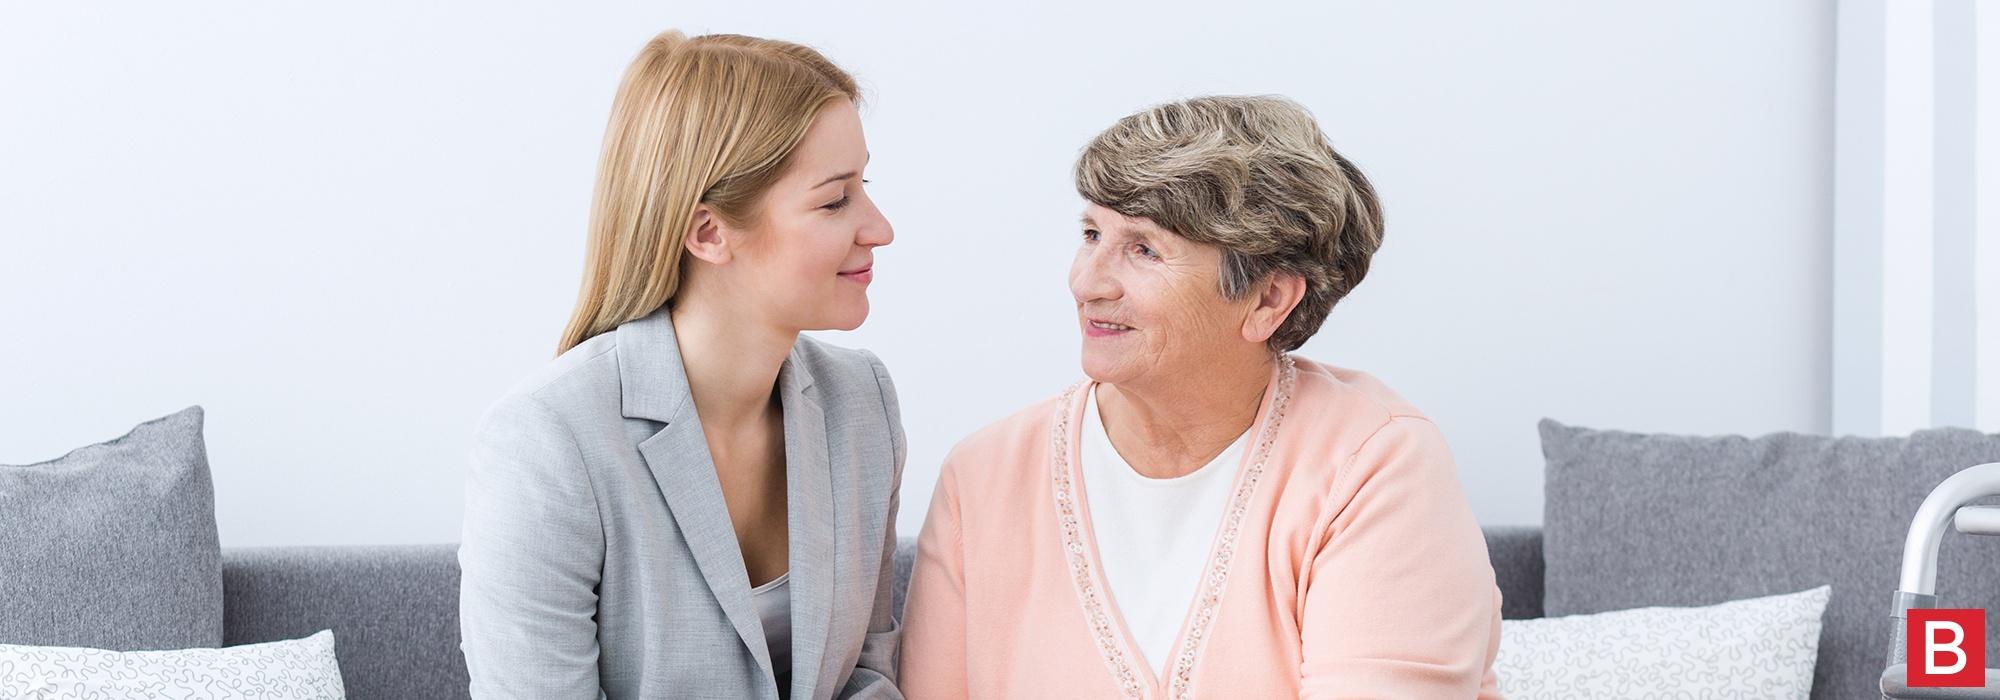 Tips-for-making-home-safer-for-mom-2000x700.jpg